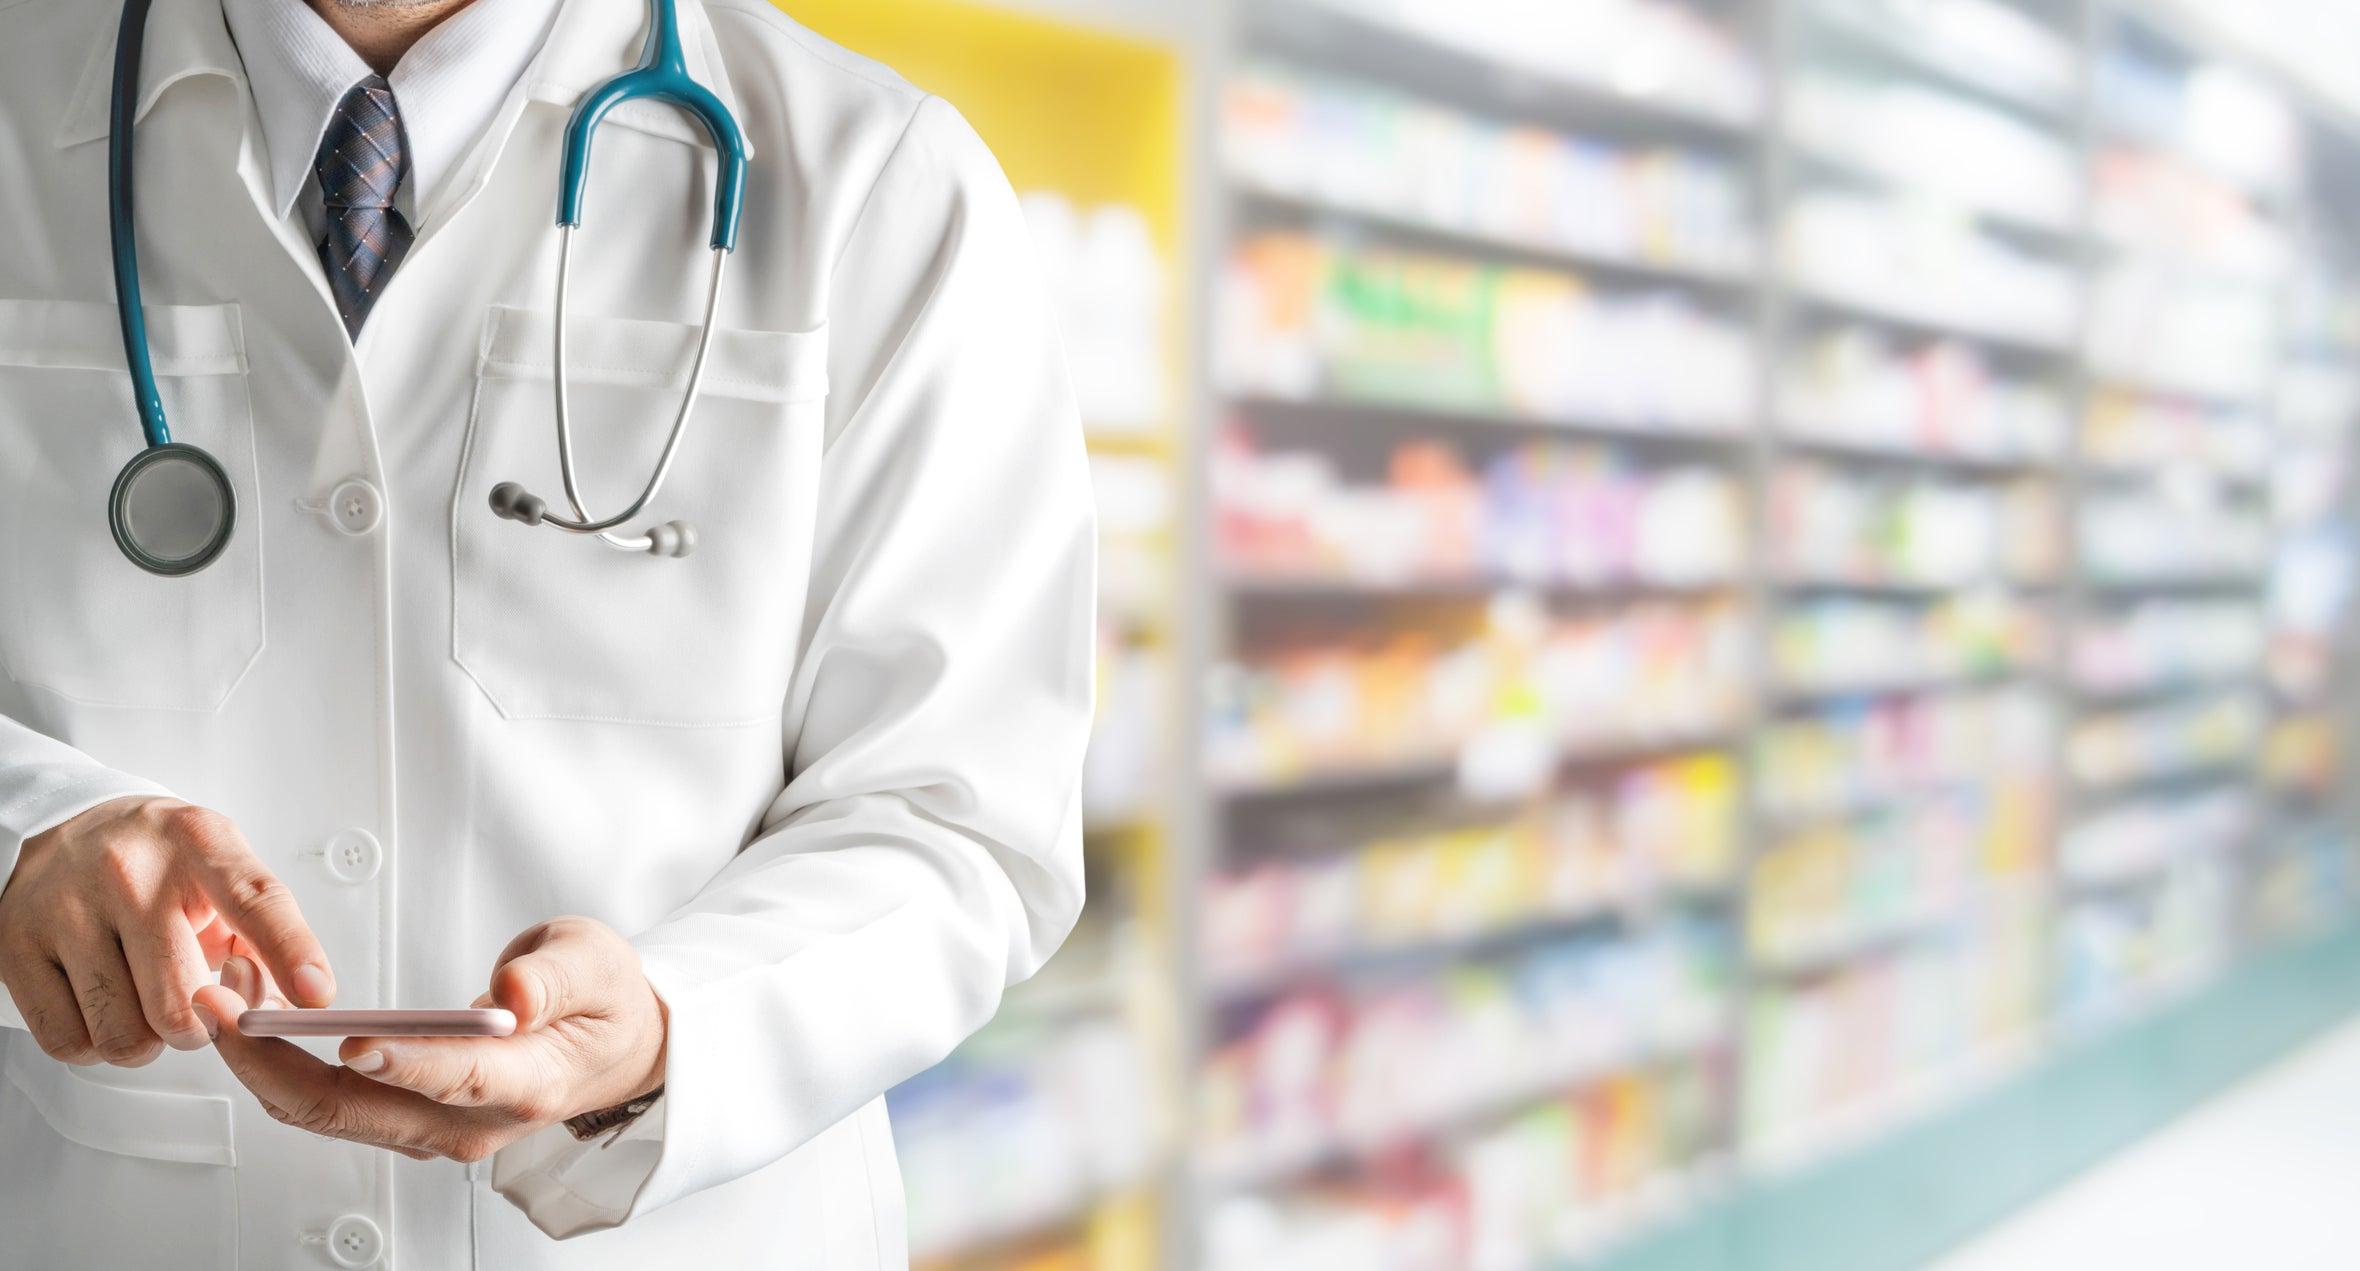 Минздрав хочет дополнить перечень лекарств, подлежащих строгому учёту